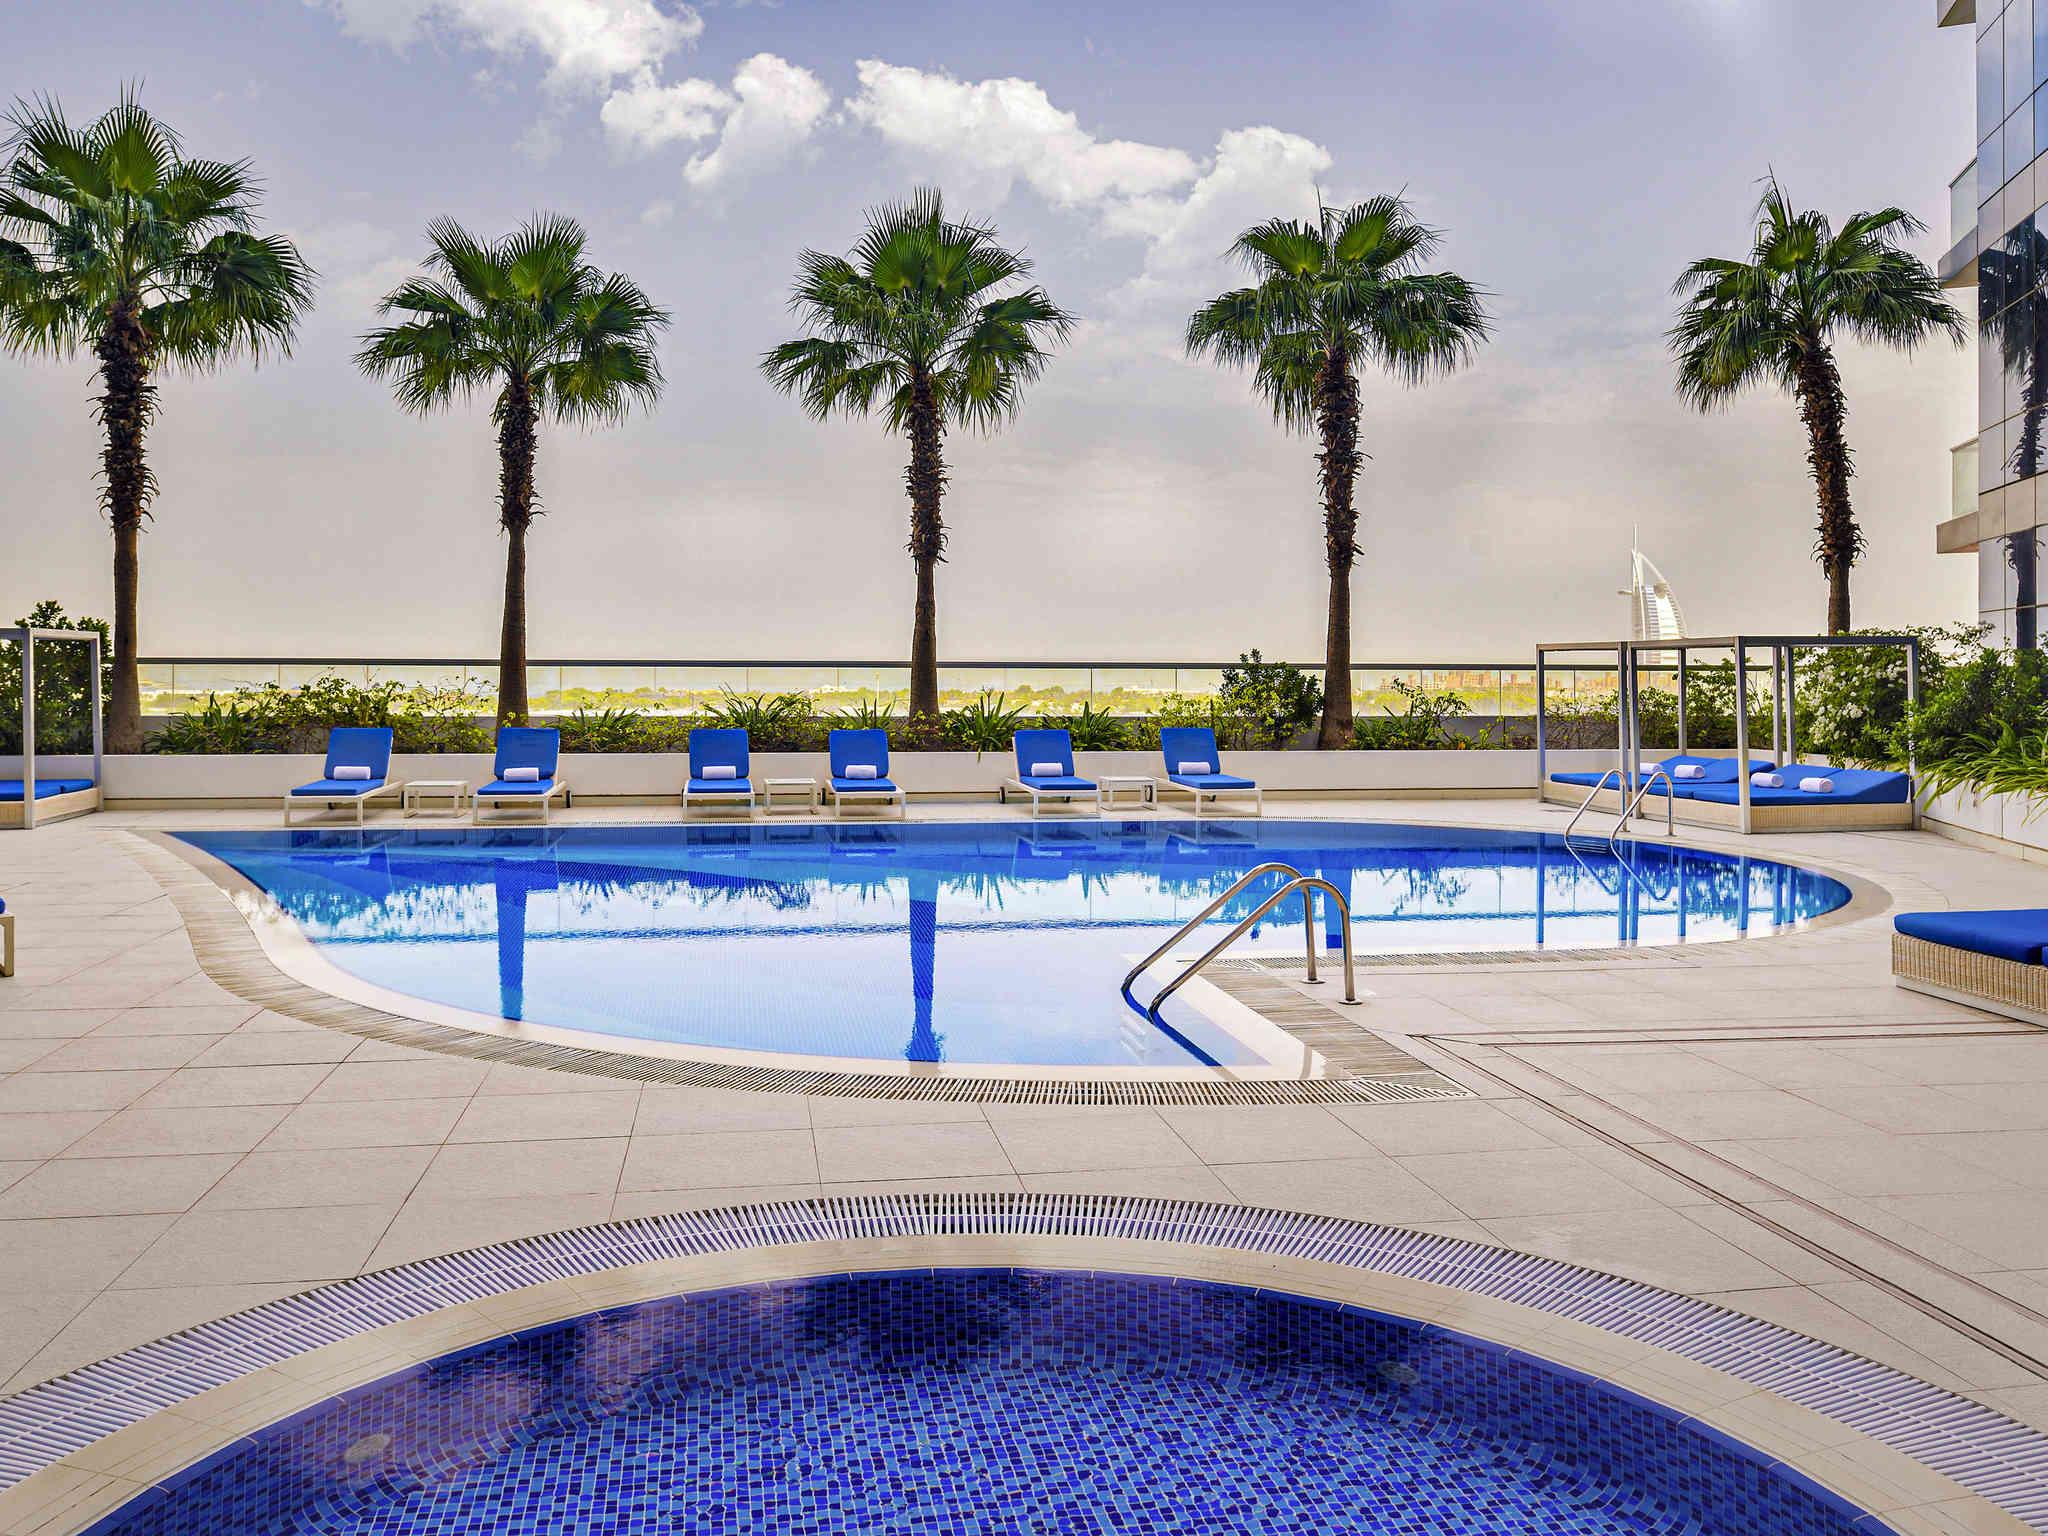 ホテル – アパートホテル アダジオ プレミアム ドバイ アル バルシャ